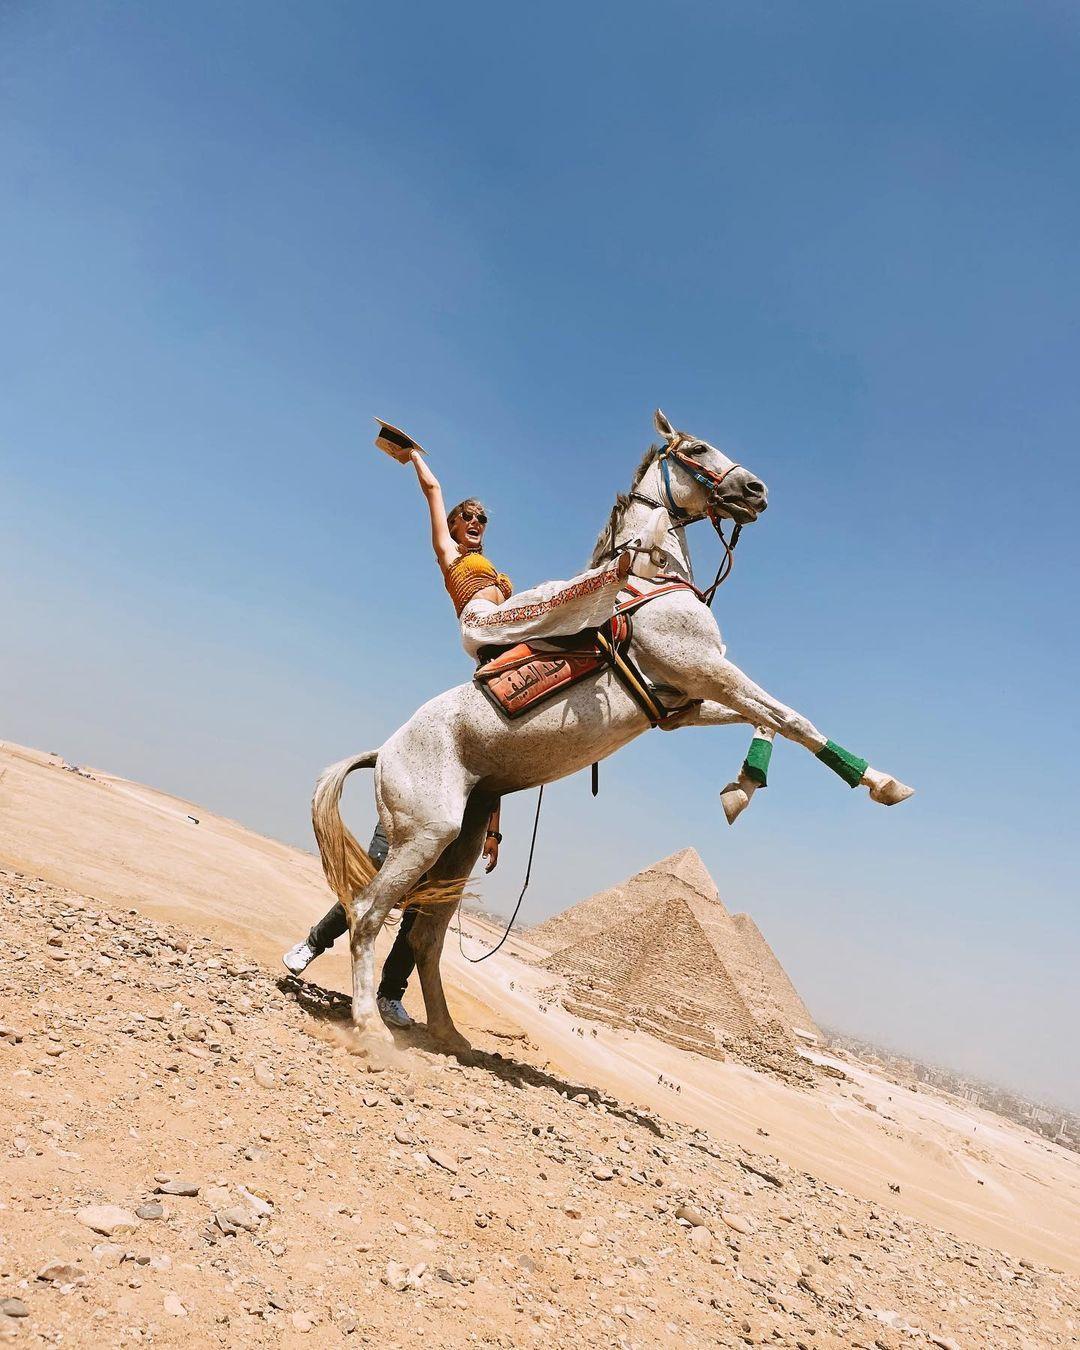 Mısır'da tatilde olan Şeyma Subaşı şaha kalktı! Aşk tam gaz devam ediyor... - Sayfa 4